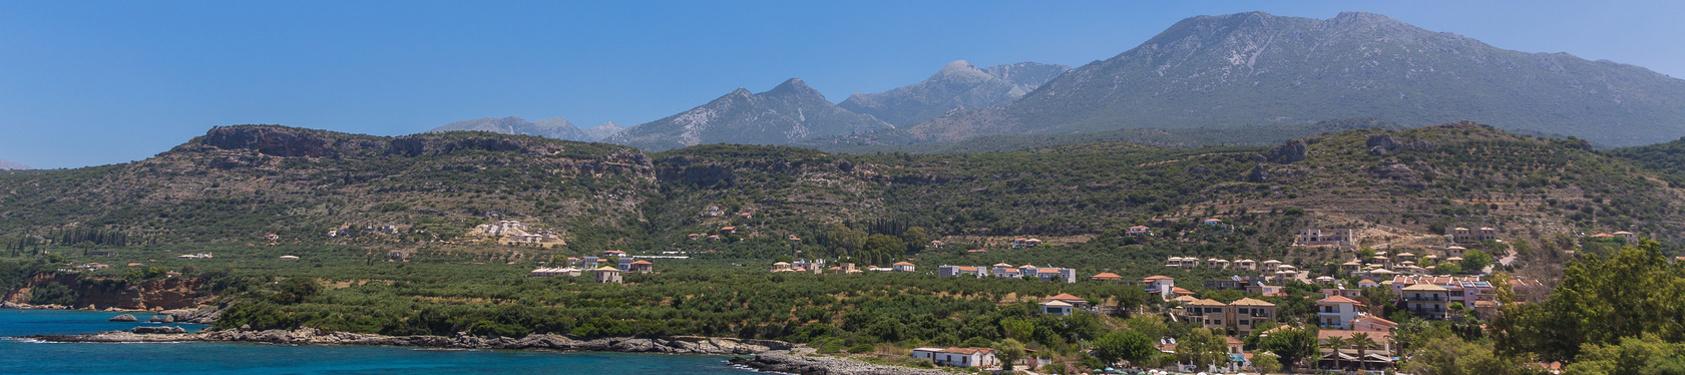 Bild von Peloponnes